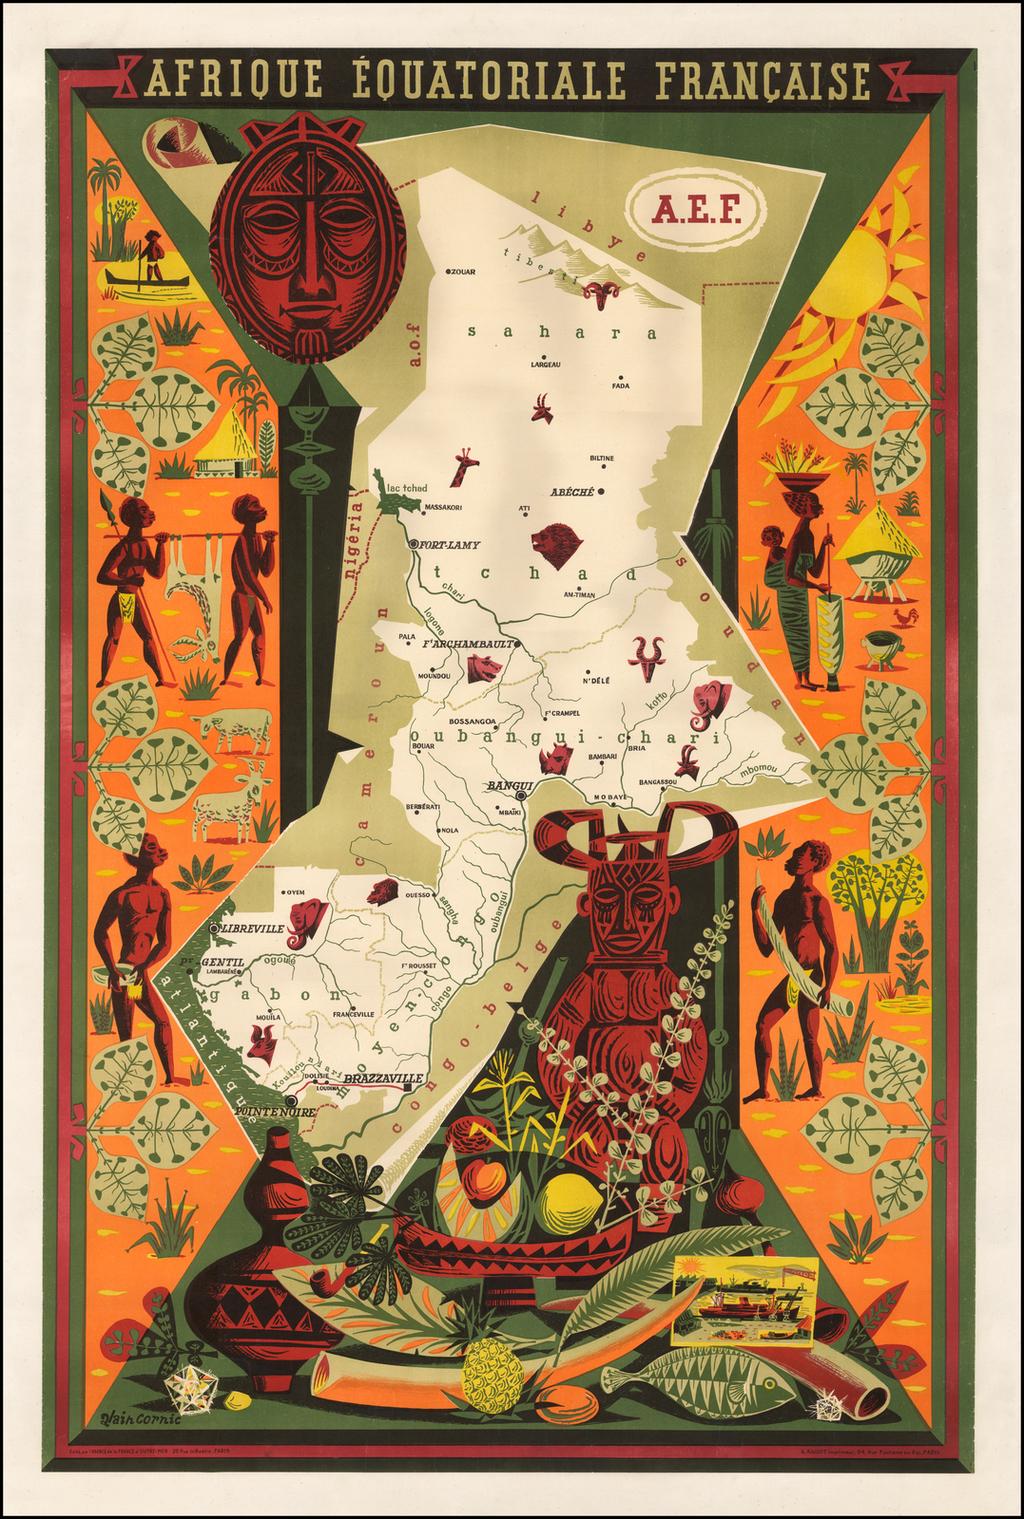 Afrique Equatoriale Francaise By Alain Cornic